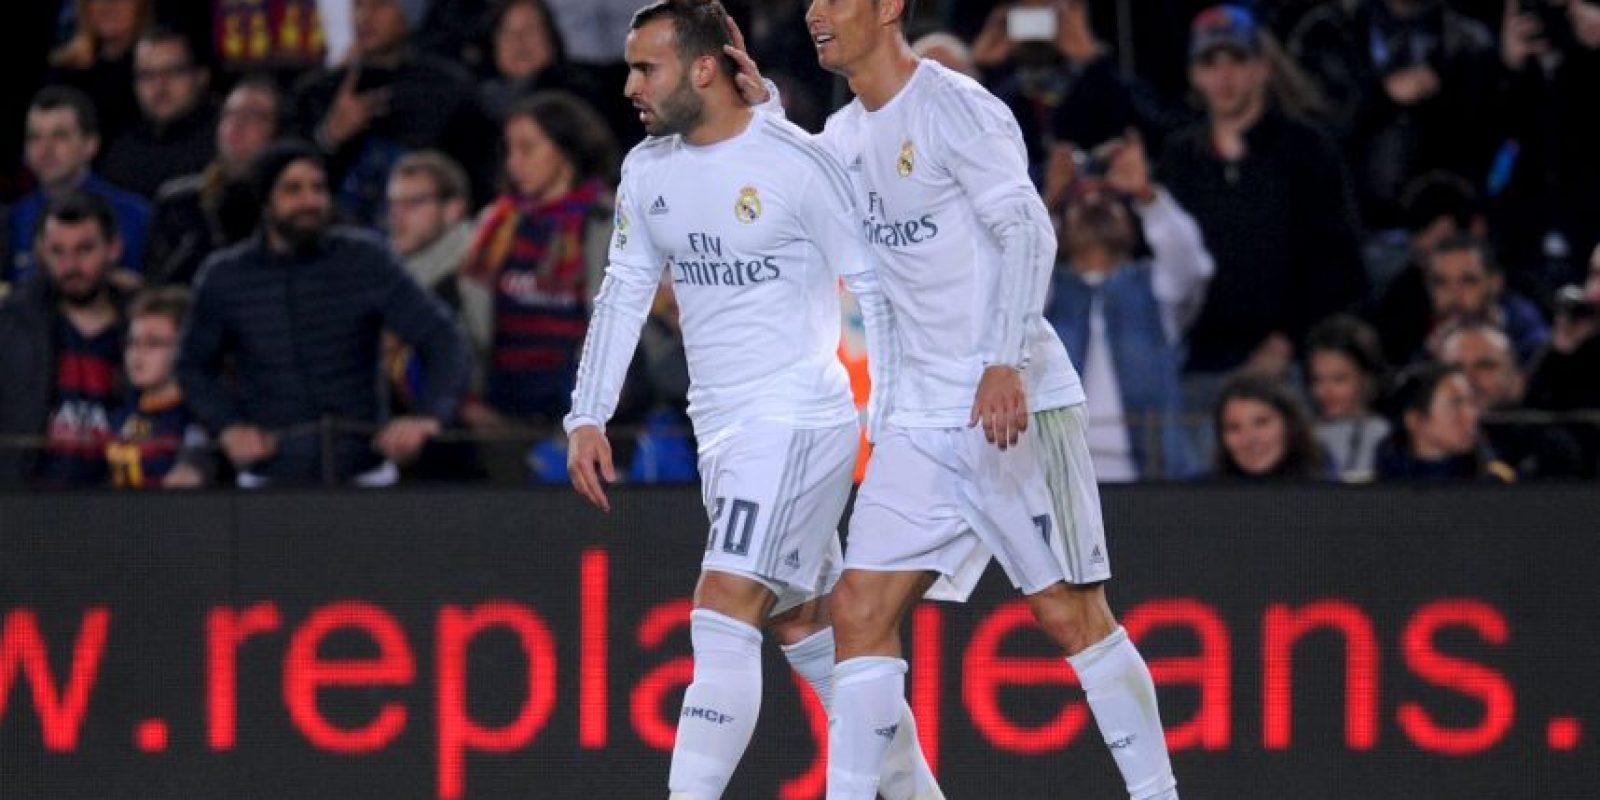 """Con goles de Gareth Bale y Cristiano Ronaldo, los """"merengues"""" se impusieron en casa de los """"culés"""" Foto:Getty Images"""